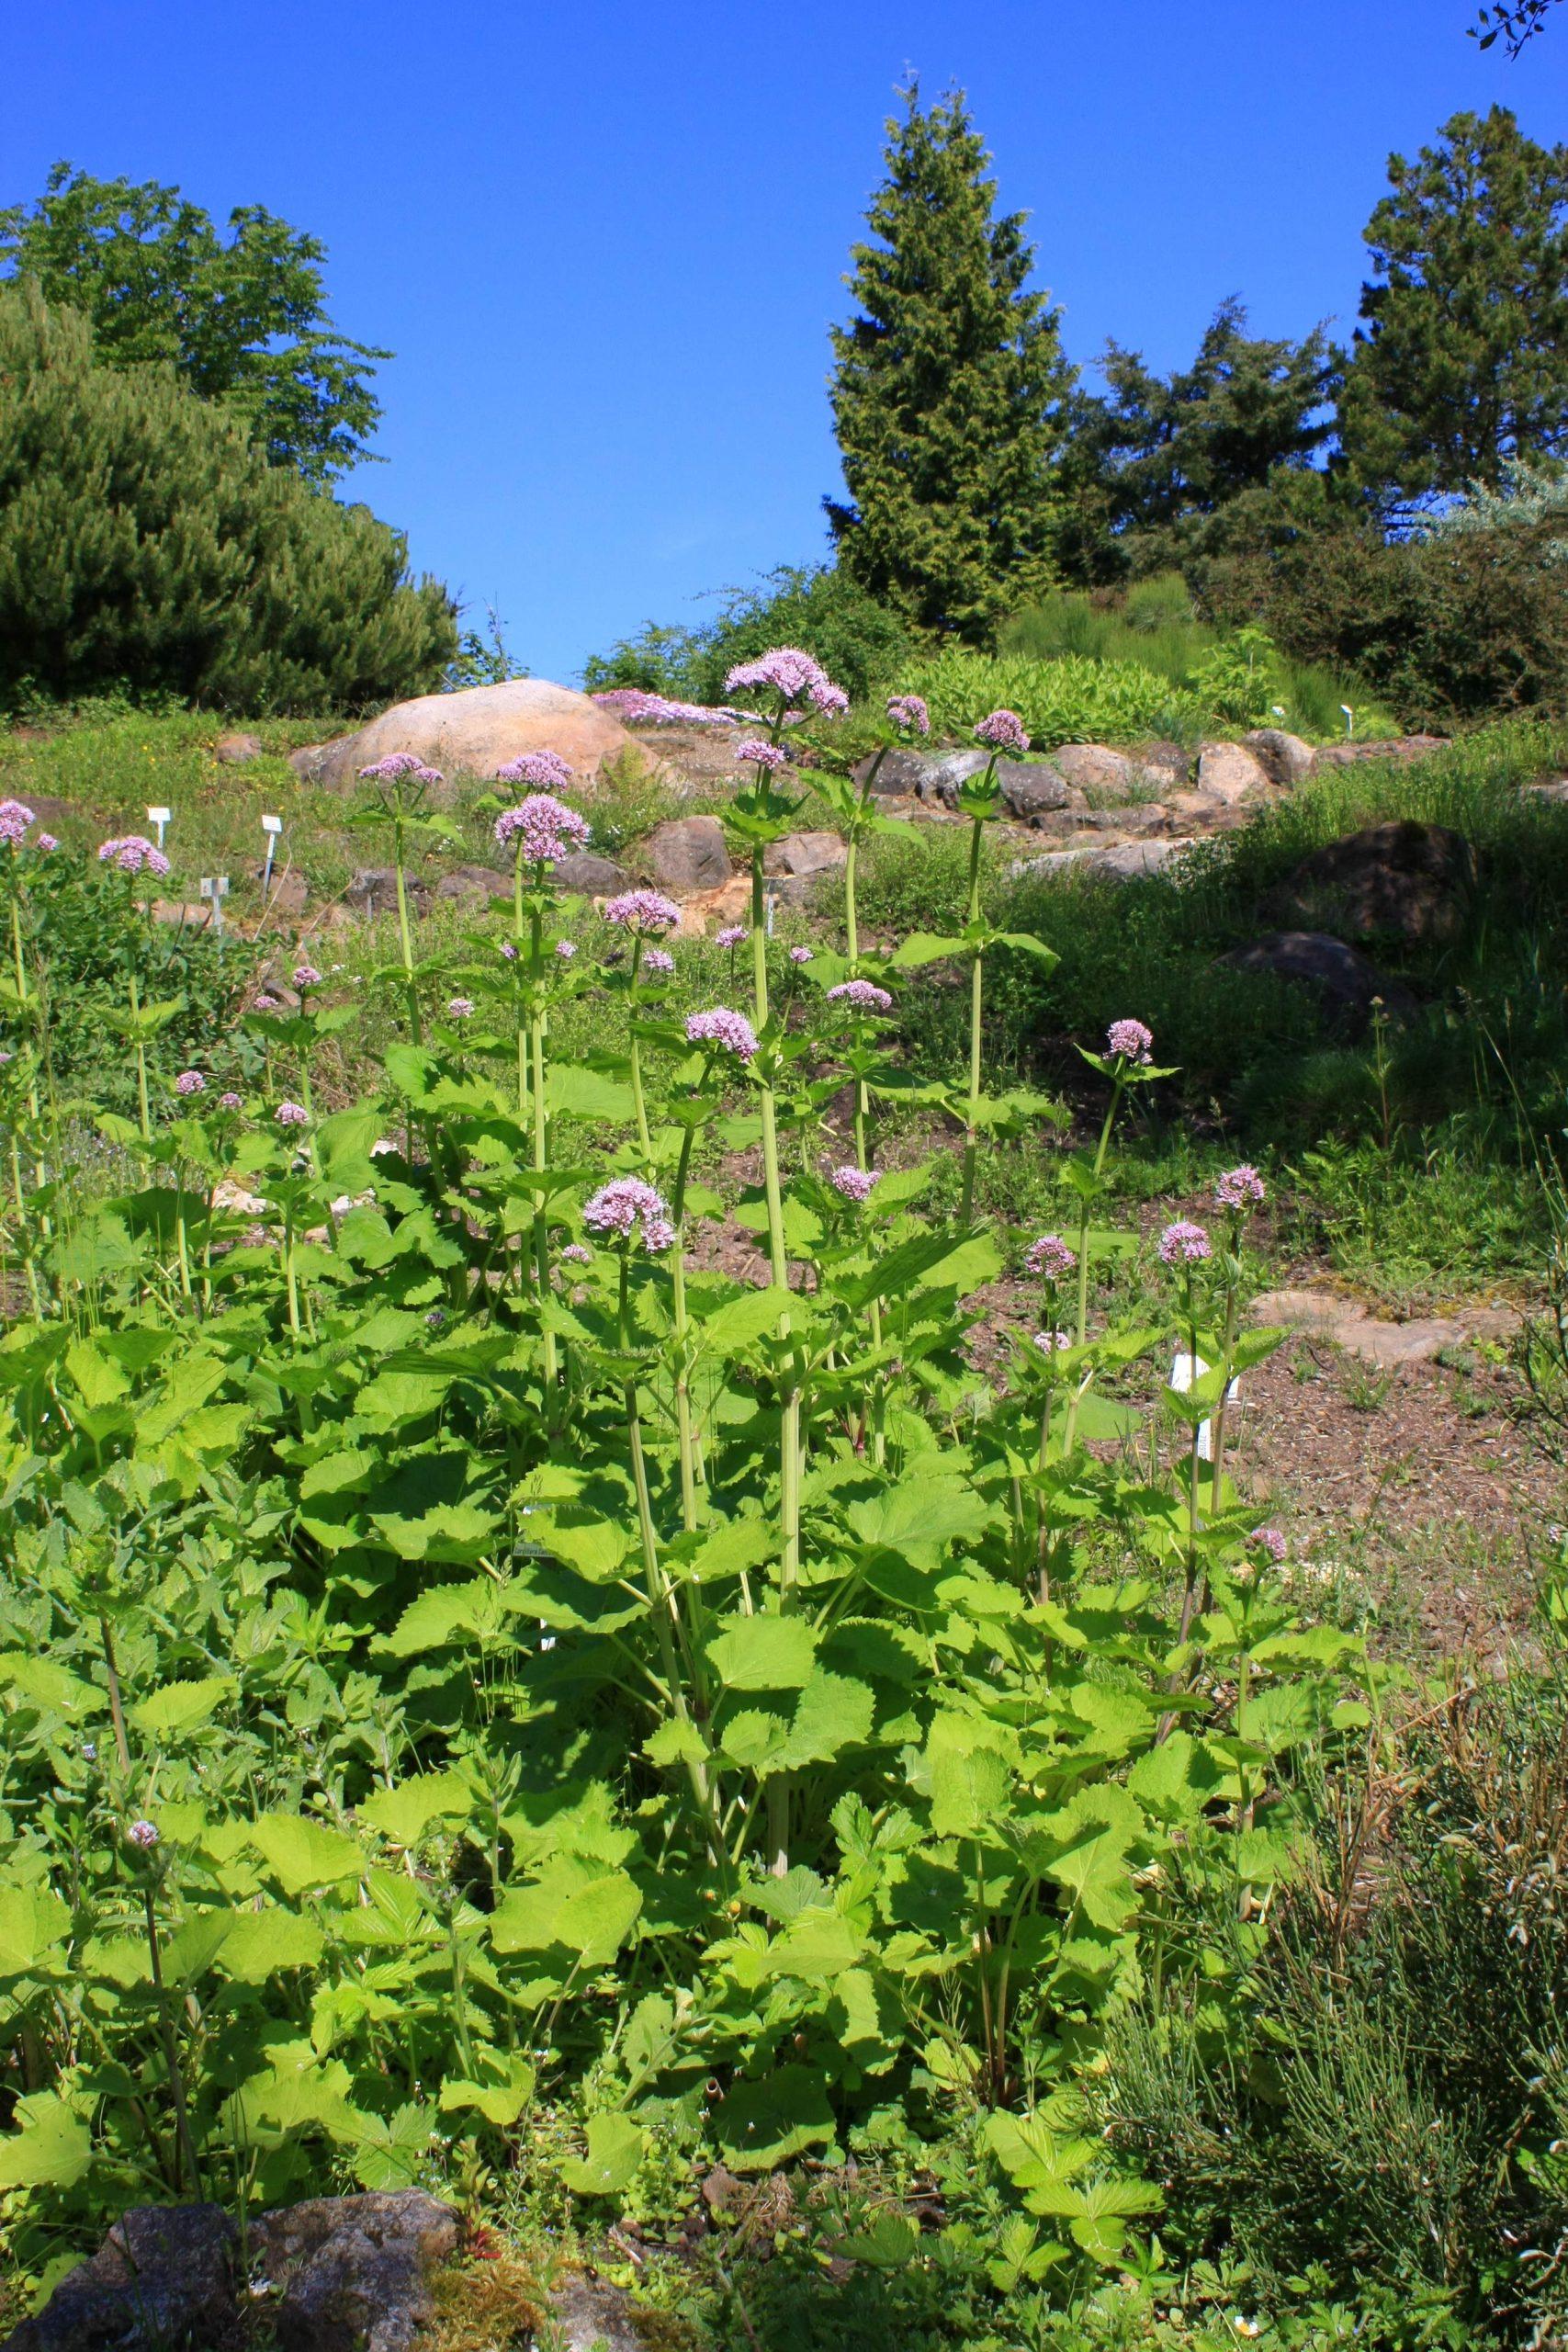 Botanischer Garten Marburg Schön Datei Neuer Botanischer Garten Marburg 0014 –